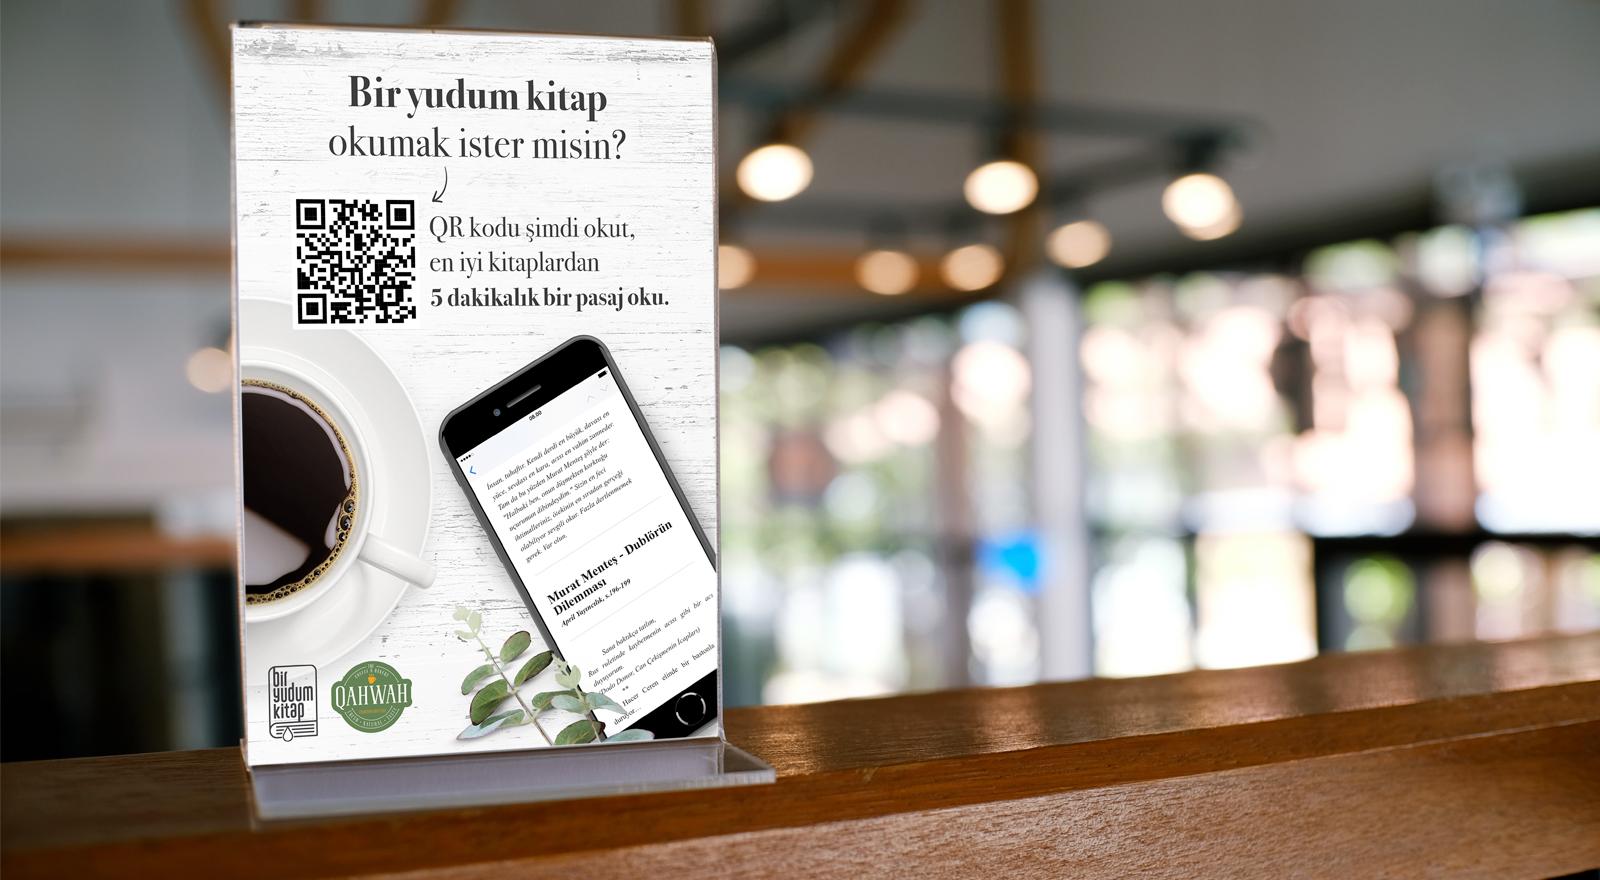 Biryudumkitap, QR kodlarla kitap pasajlarını işletmelere taşıyor